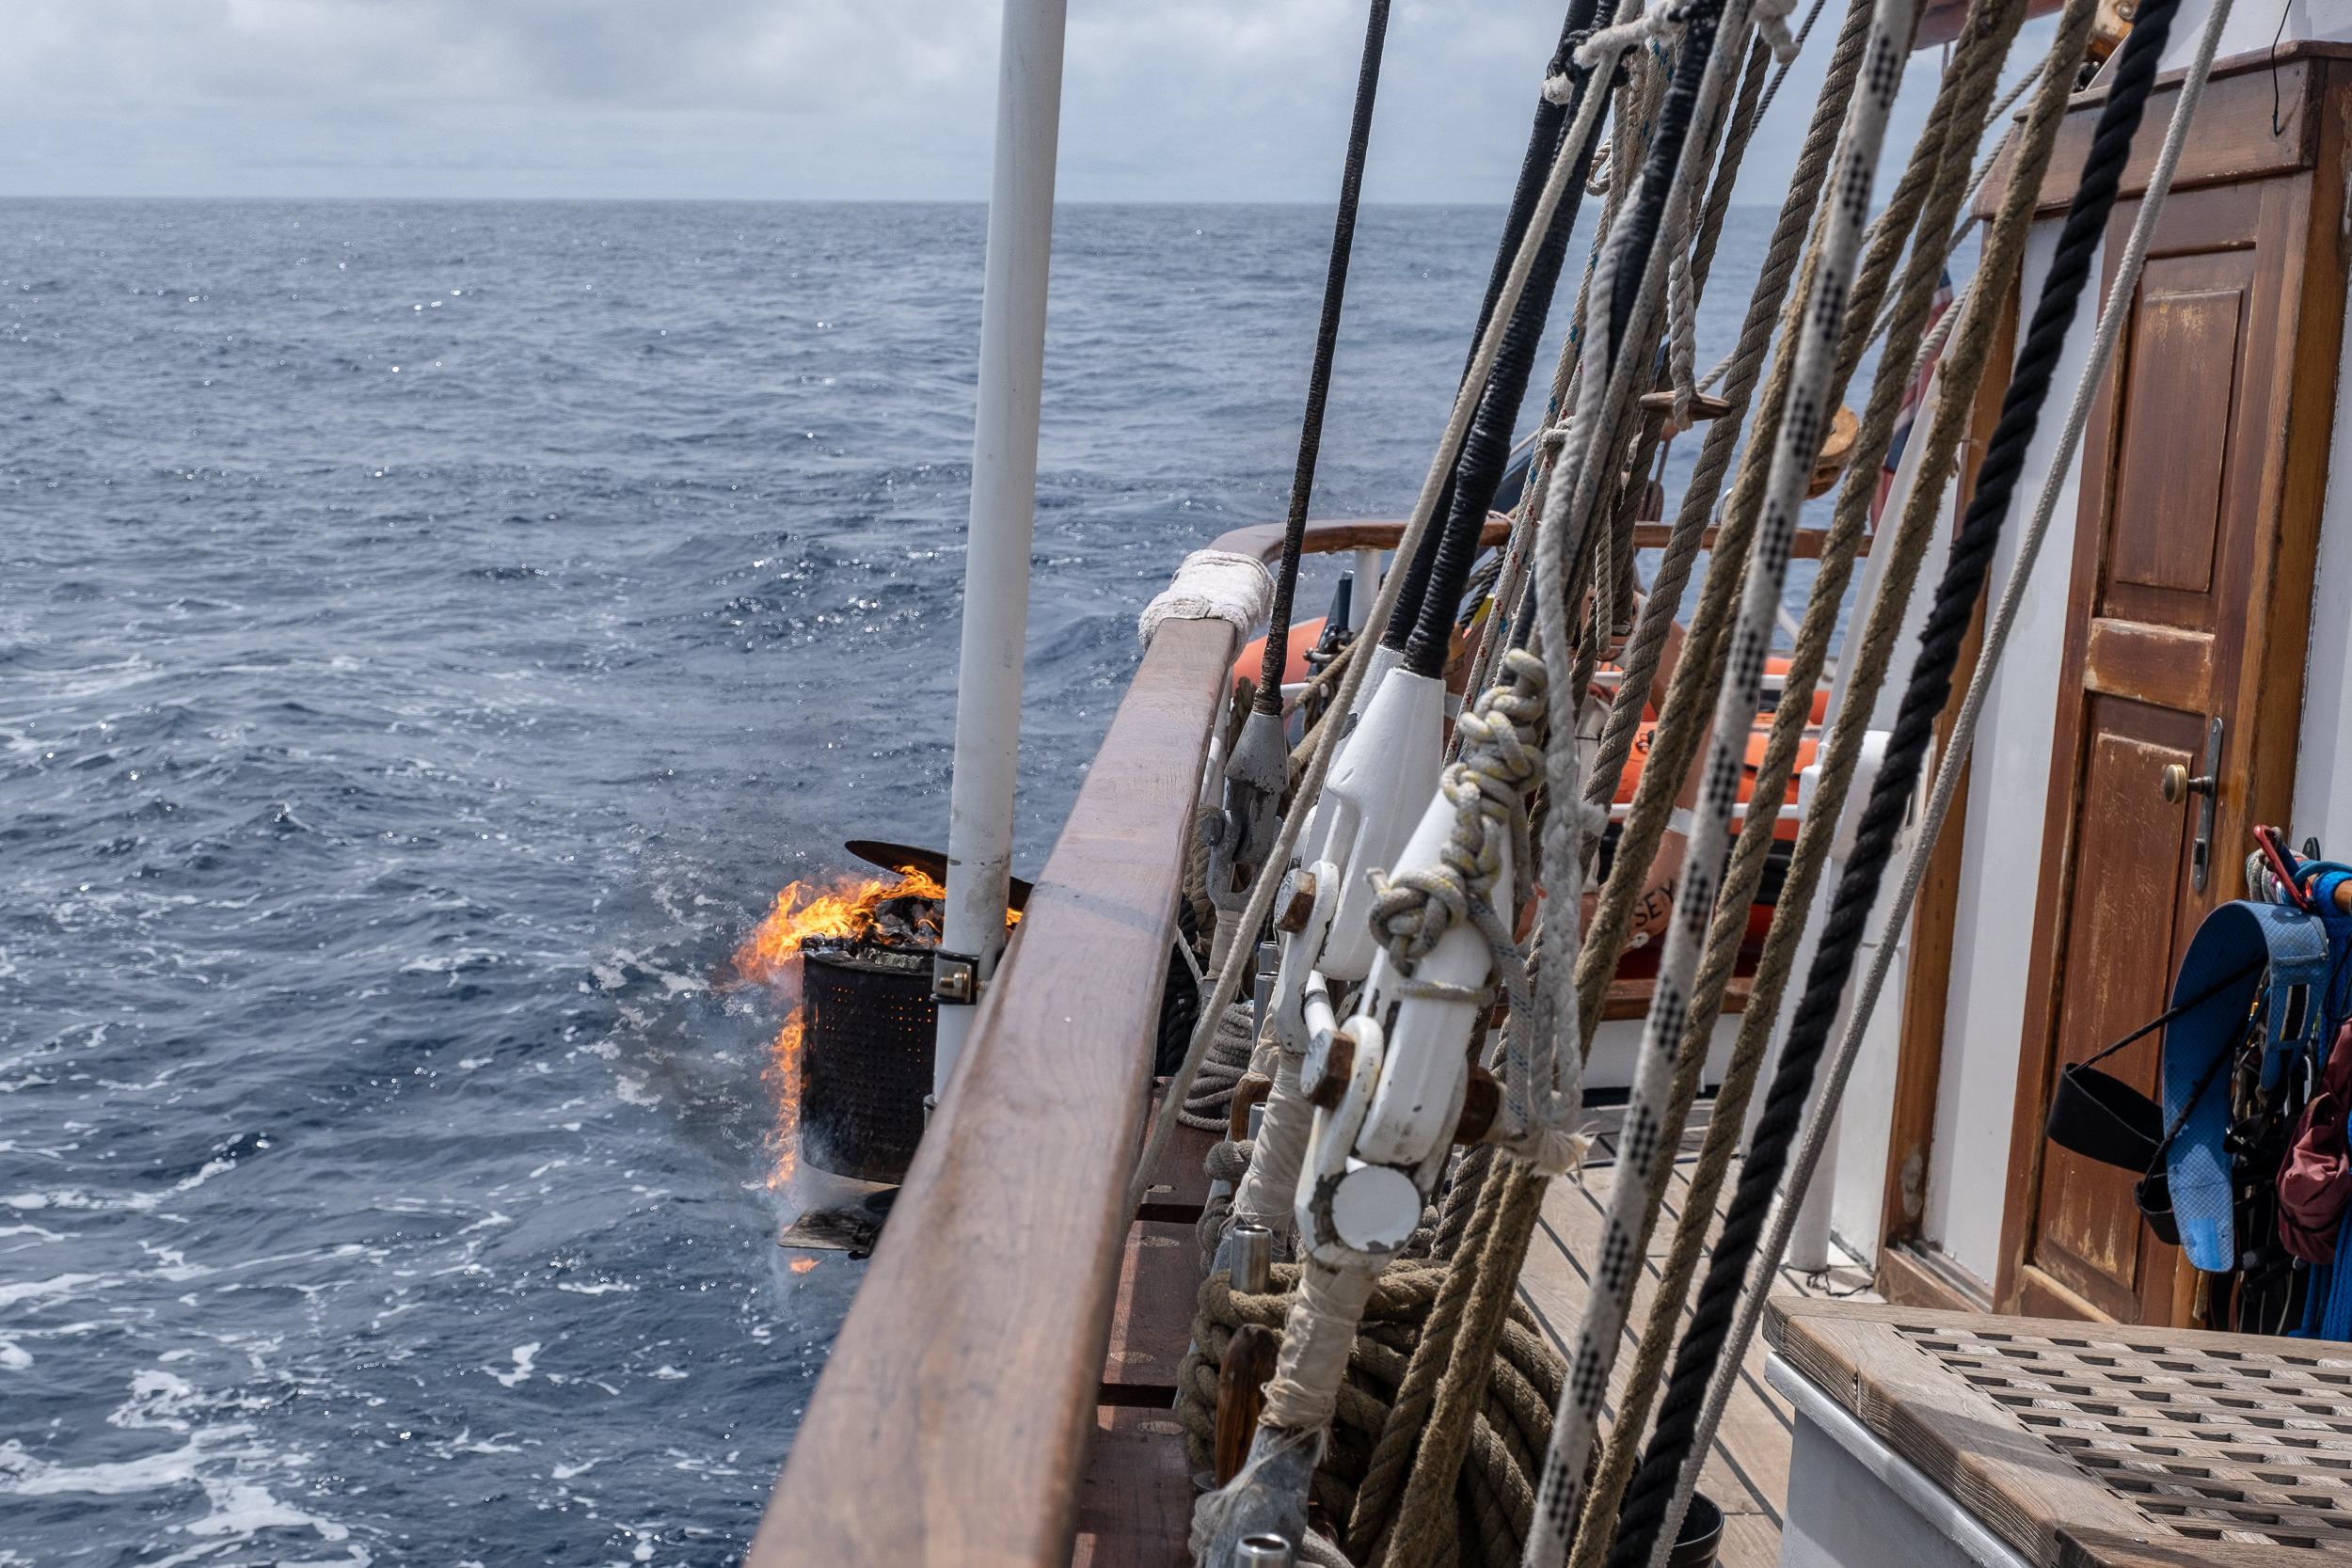 Burning garbage at sea